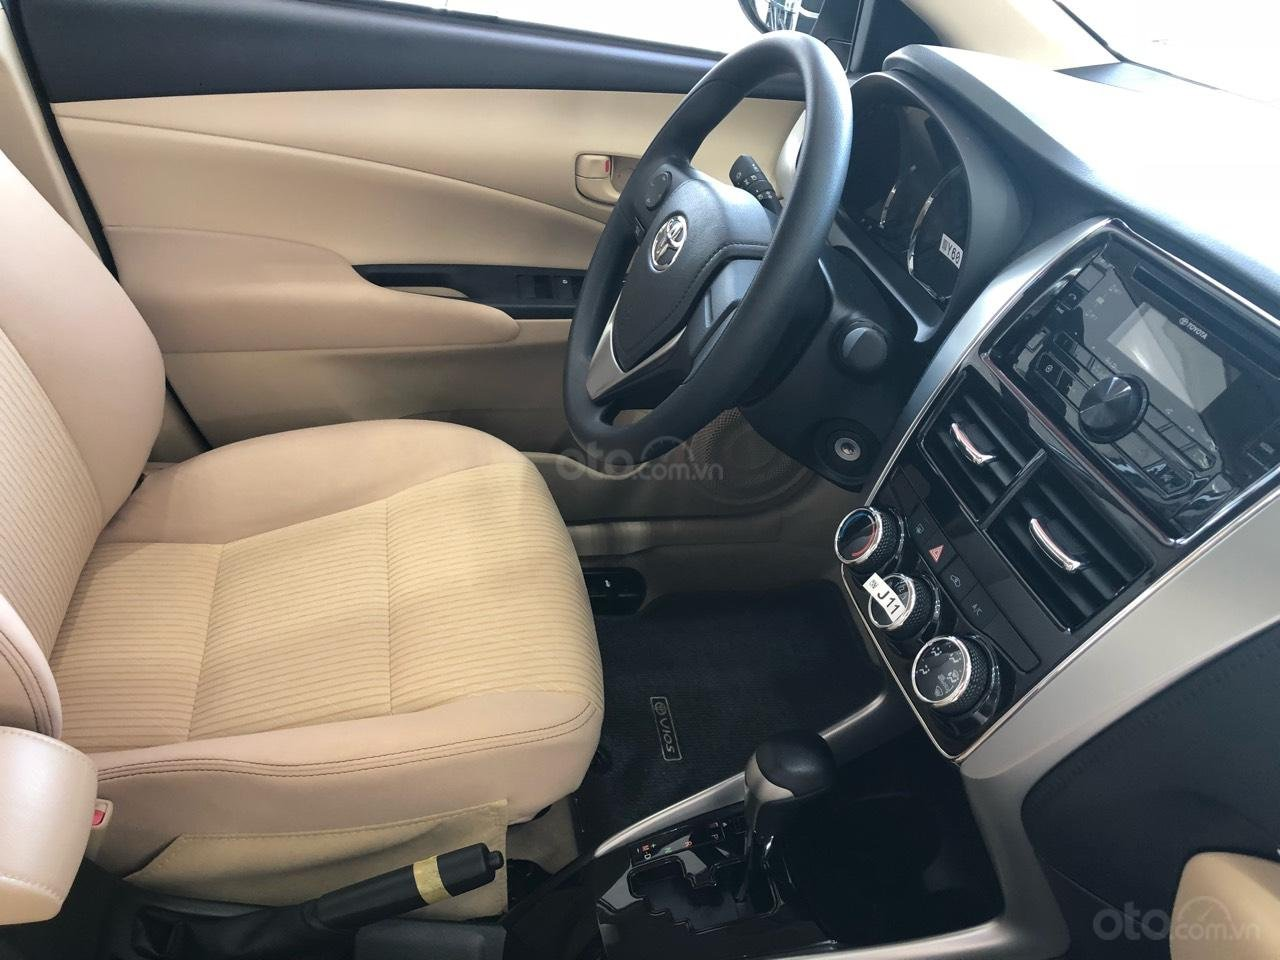 Bán ô tô Toyota Vios1.5E CVT sản xuất 2020 - tặng BHVC thân xe (3)